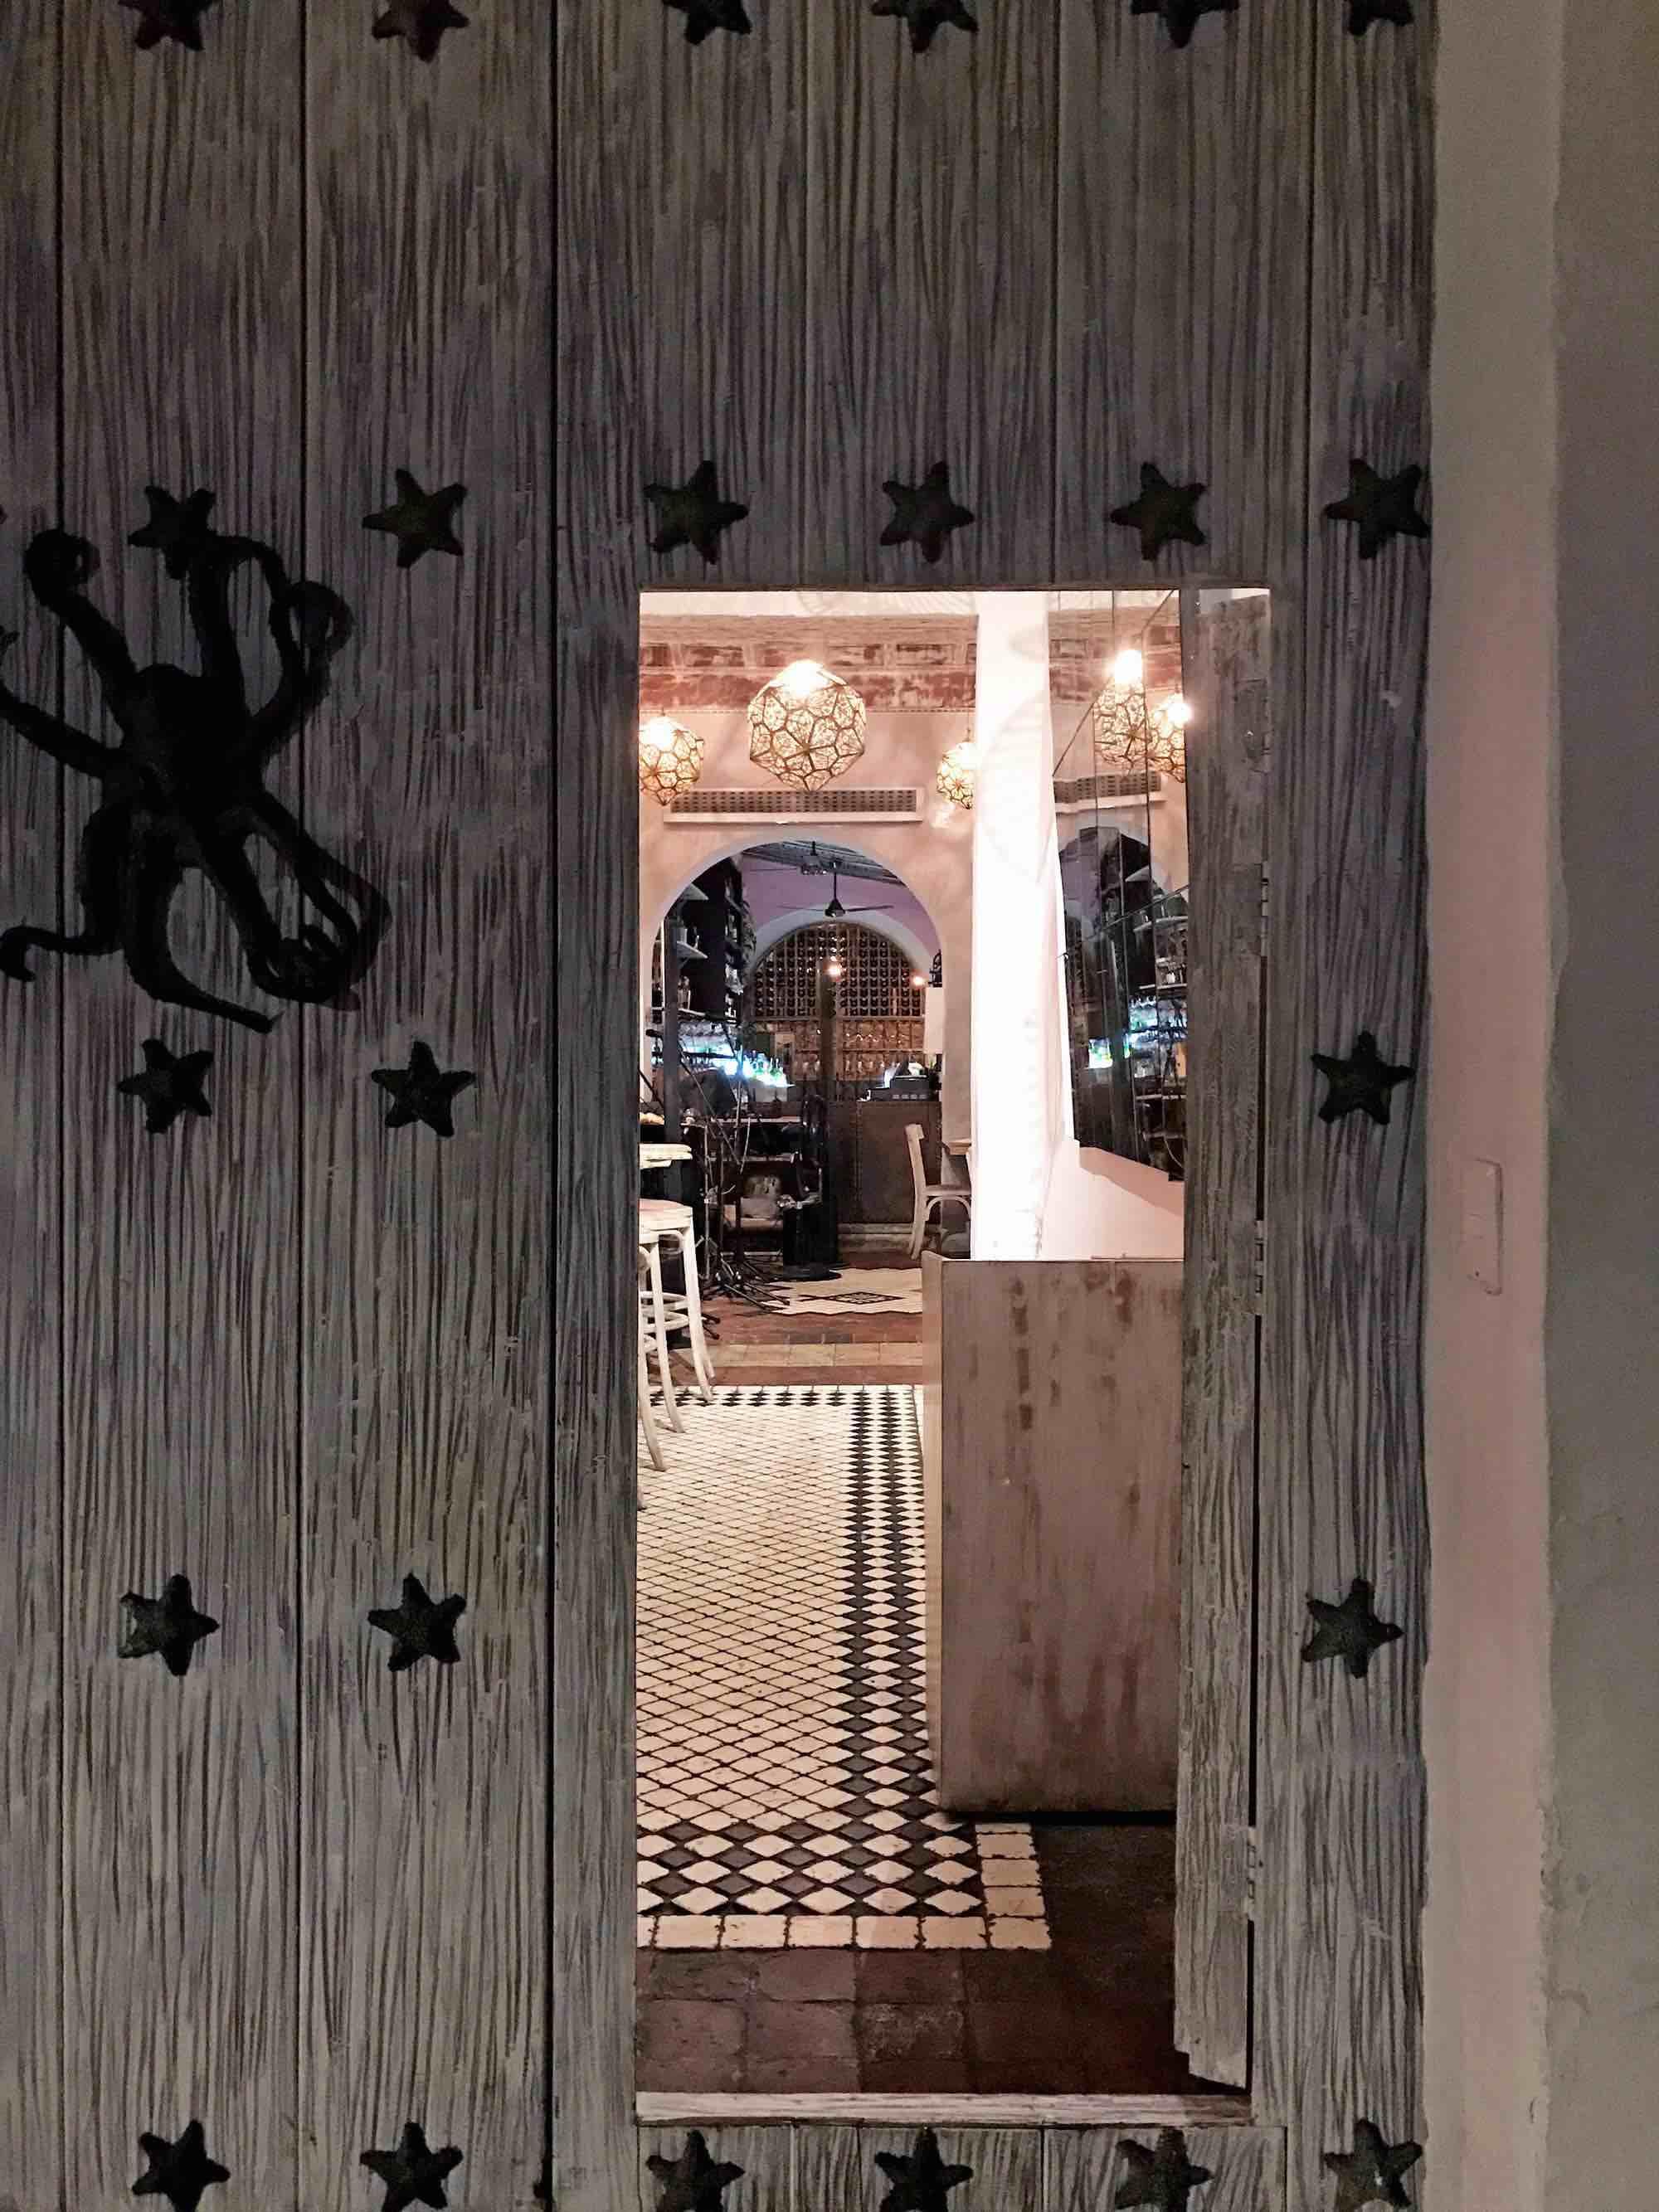 Octopus door knocker | Doors and Door Knockers of Cartagena, Colombia | pictures of Cartagena, Colombia